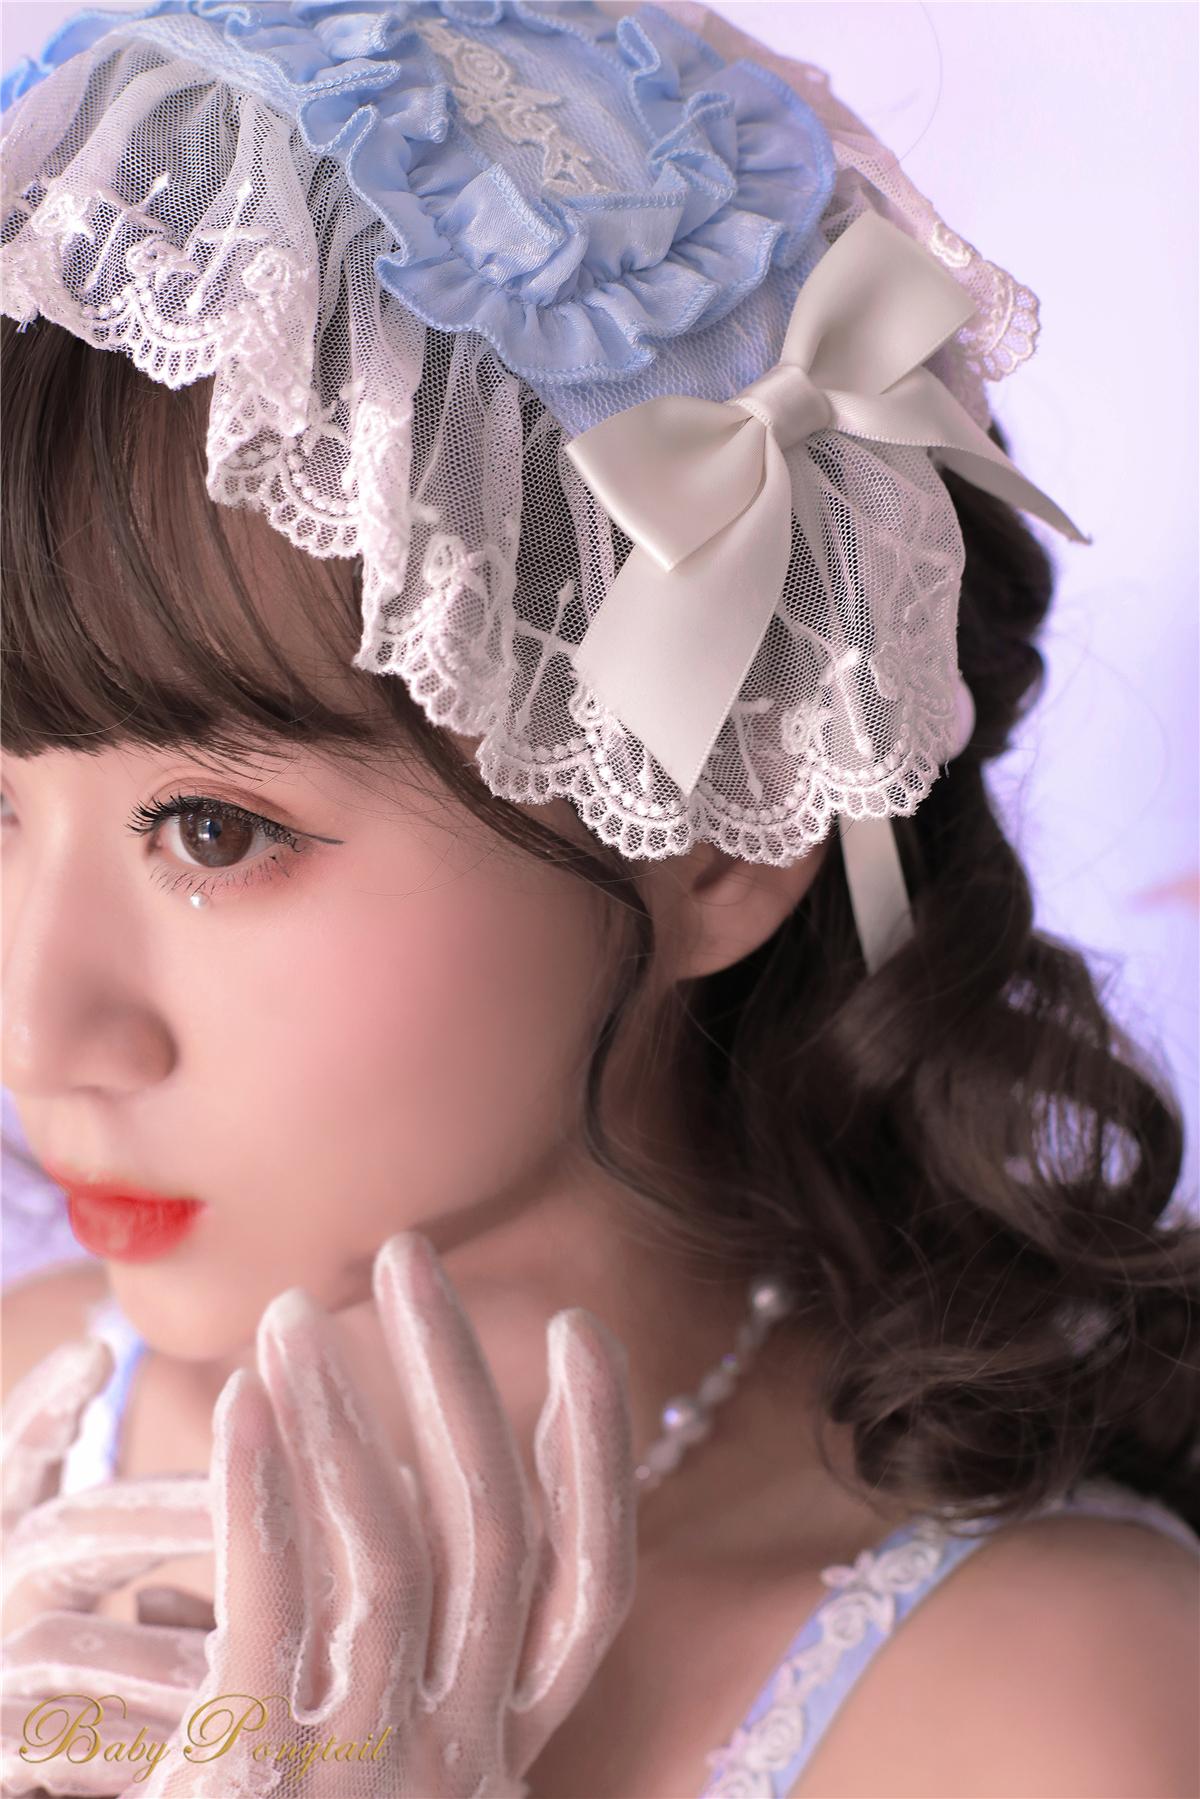 Babyponytail_Heavenly Teardrops_Model photo_JSK SAX_RUO QI_10.jpg